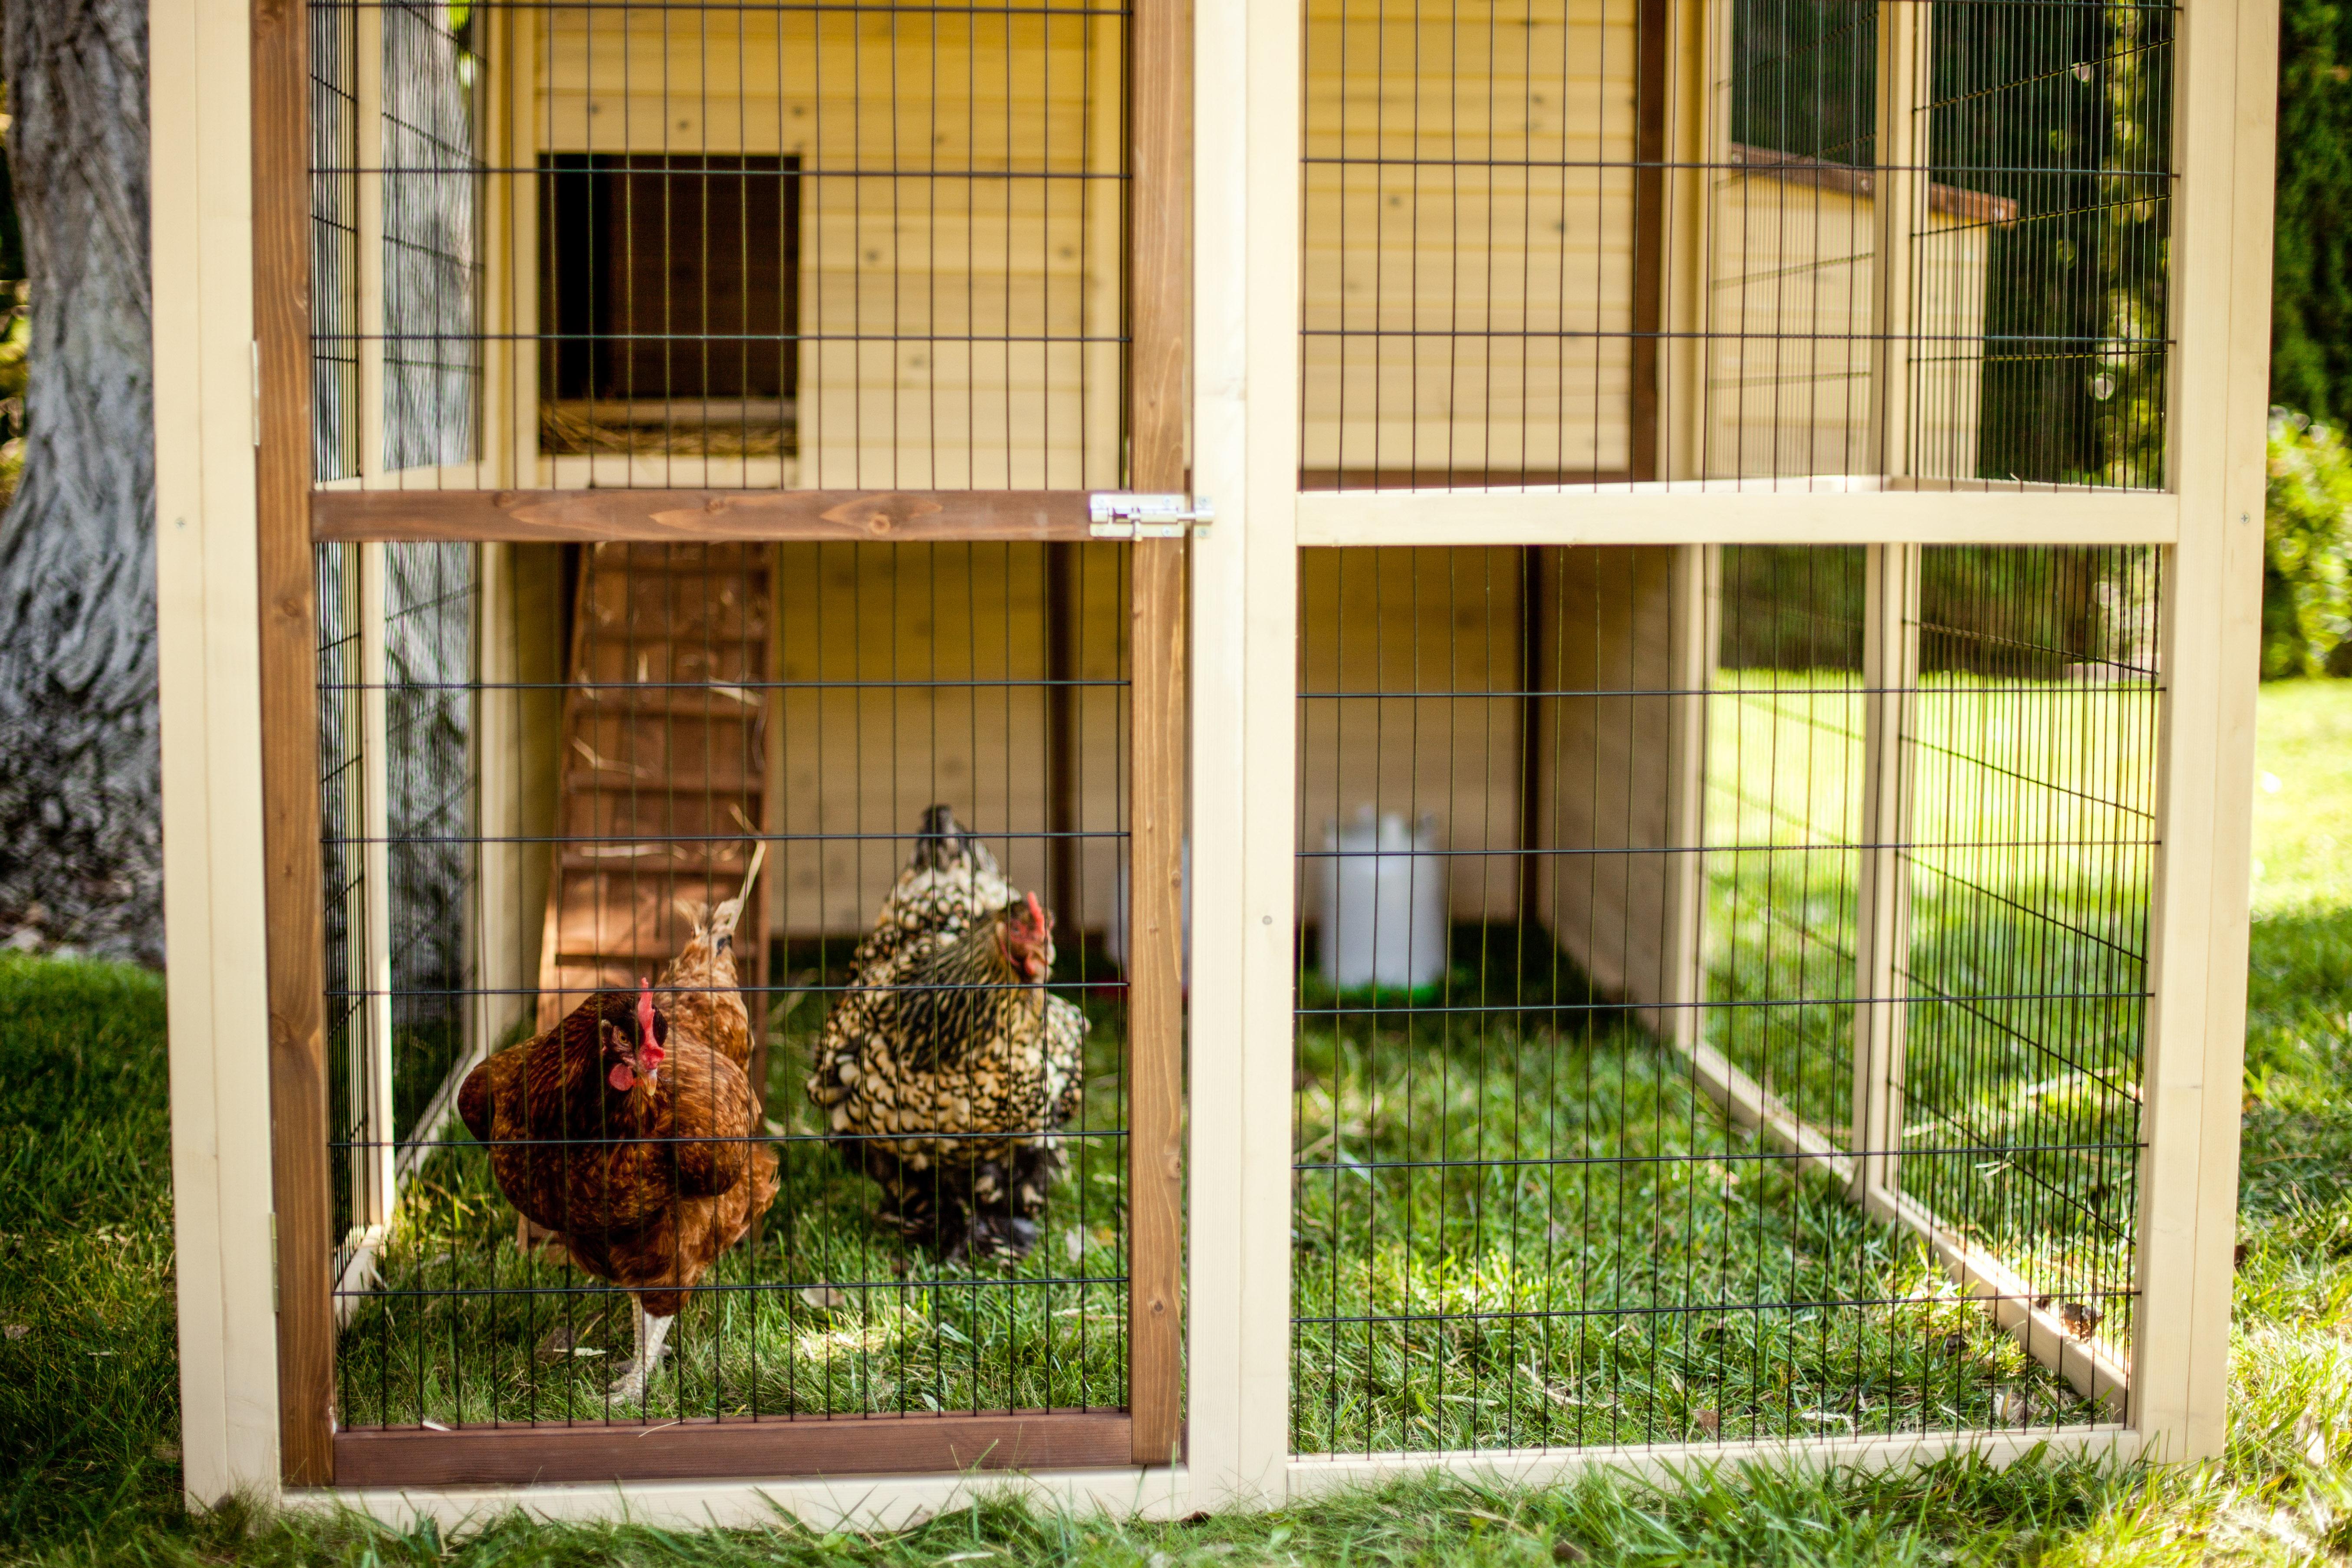 Advantek-Townhouse-Humane-Chicken-Coop-.jpg